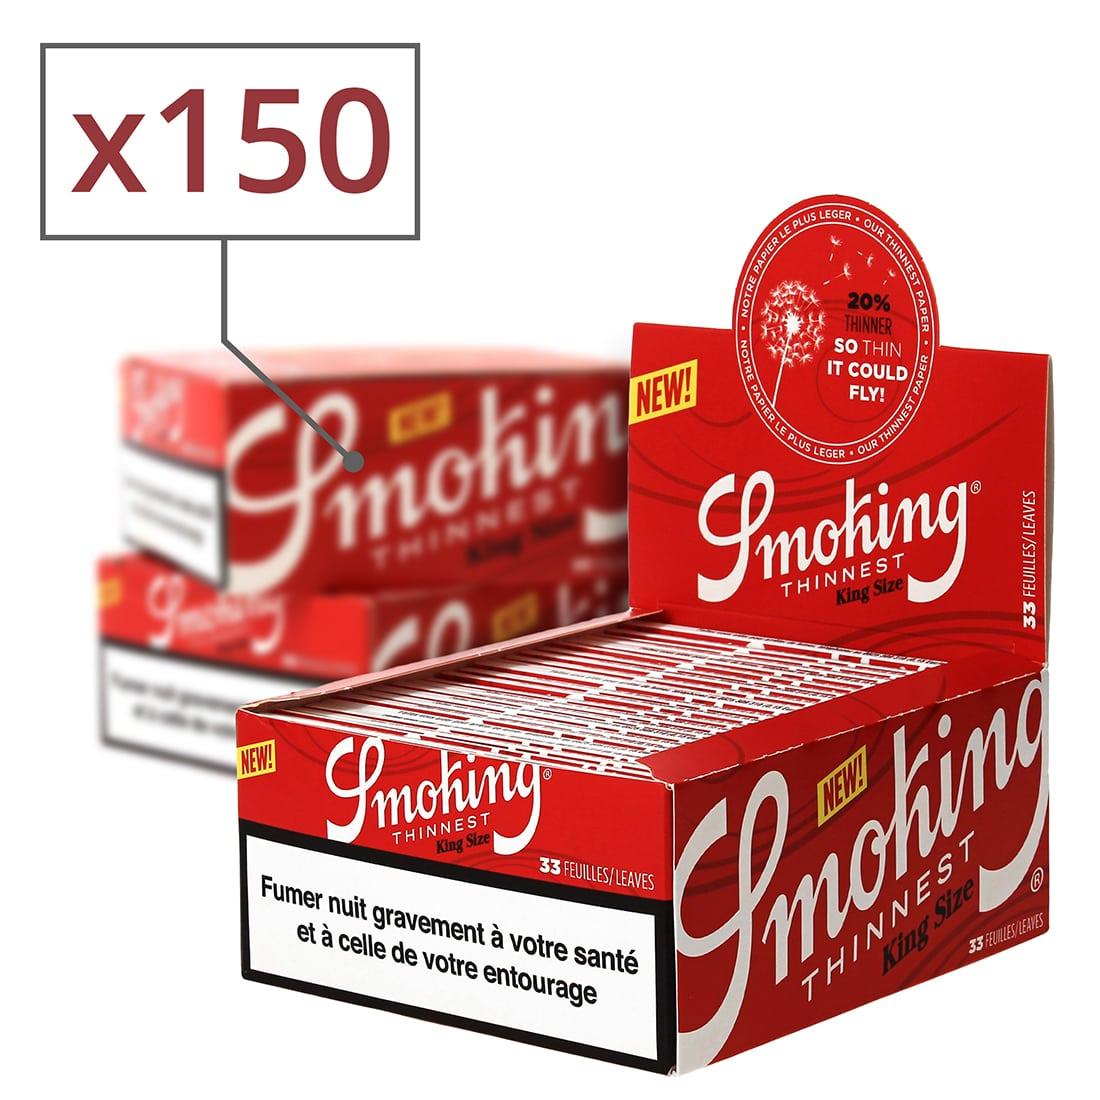 Photo de Feuille a rouler Smoking Thinnest King Size Slim x 50 PACK de 3